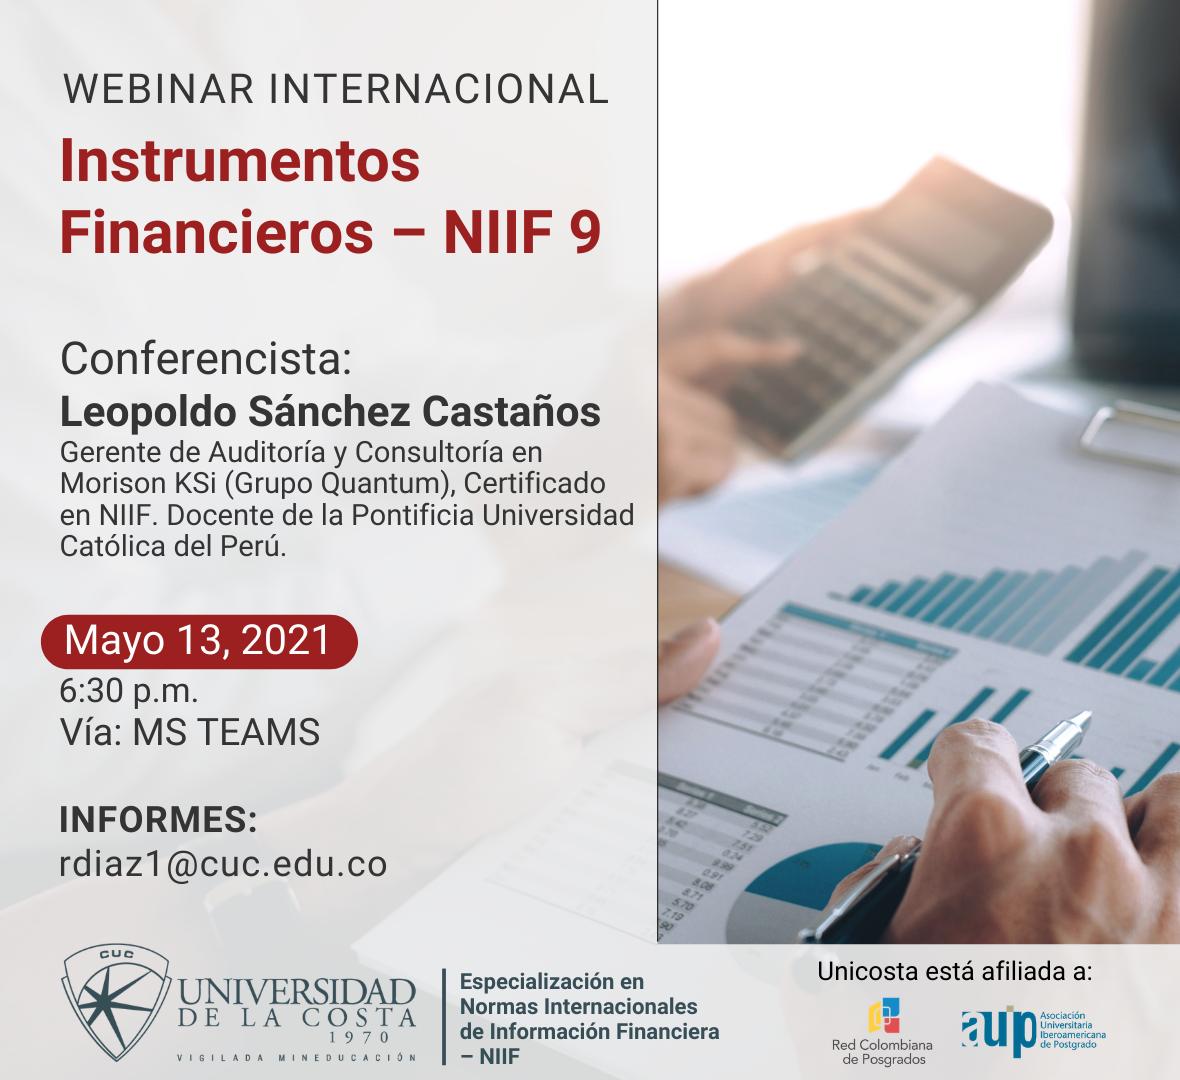 """Webinar internacional """"Instrumentos Financieros – NIIF 9"""